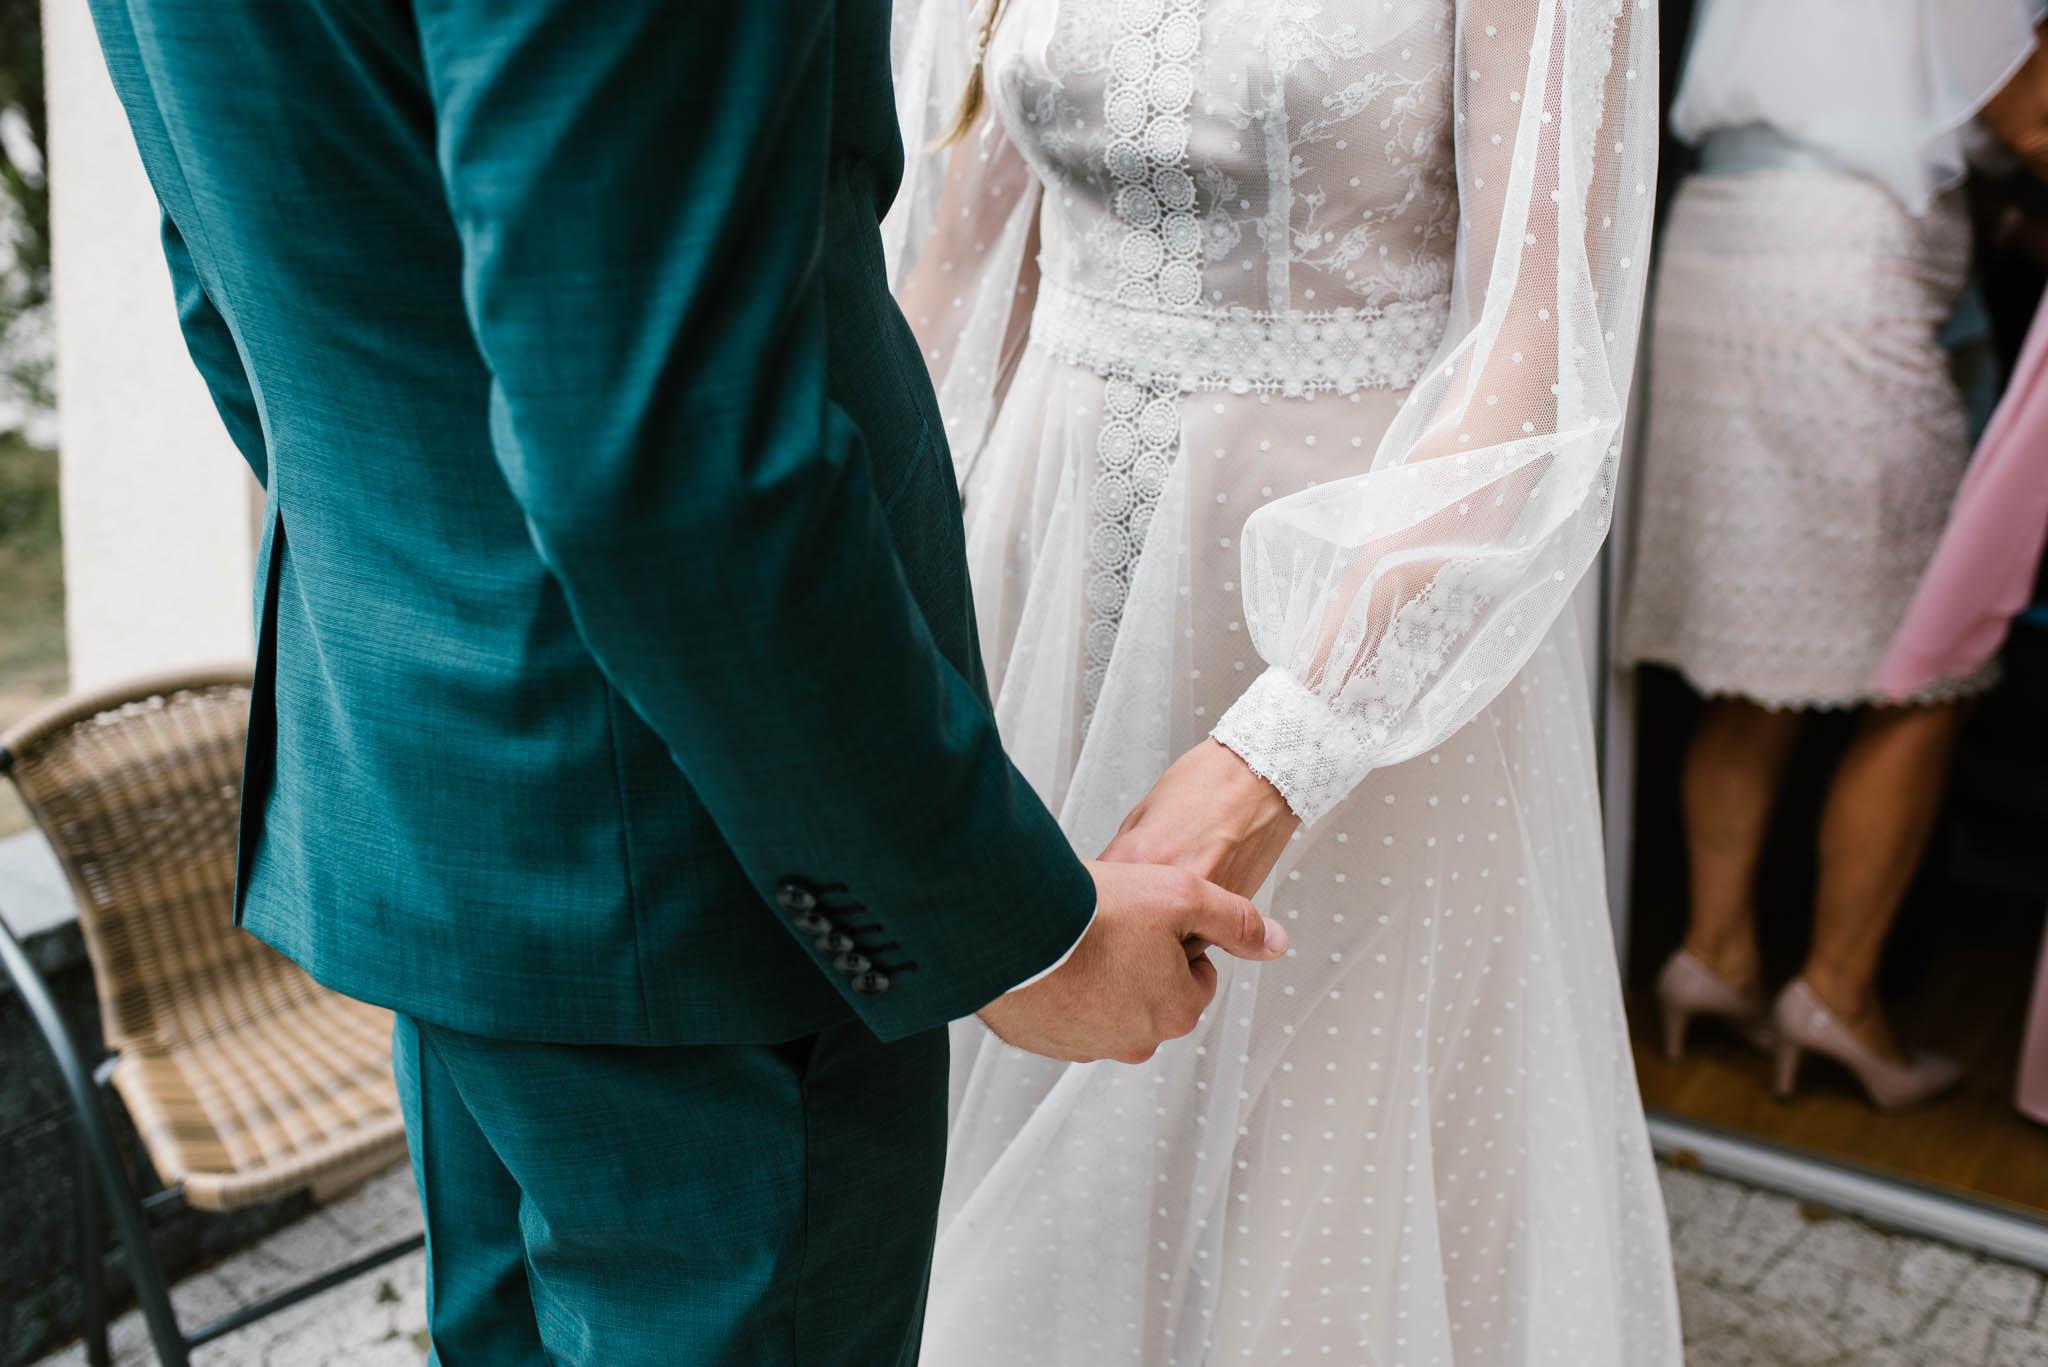 Przyszłe małżeństwo trzyma się za ręce - sesja ślubna na Wyspie Św. Edwarda Zaniemyśl